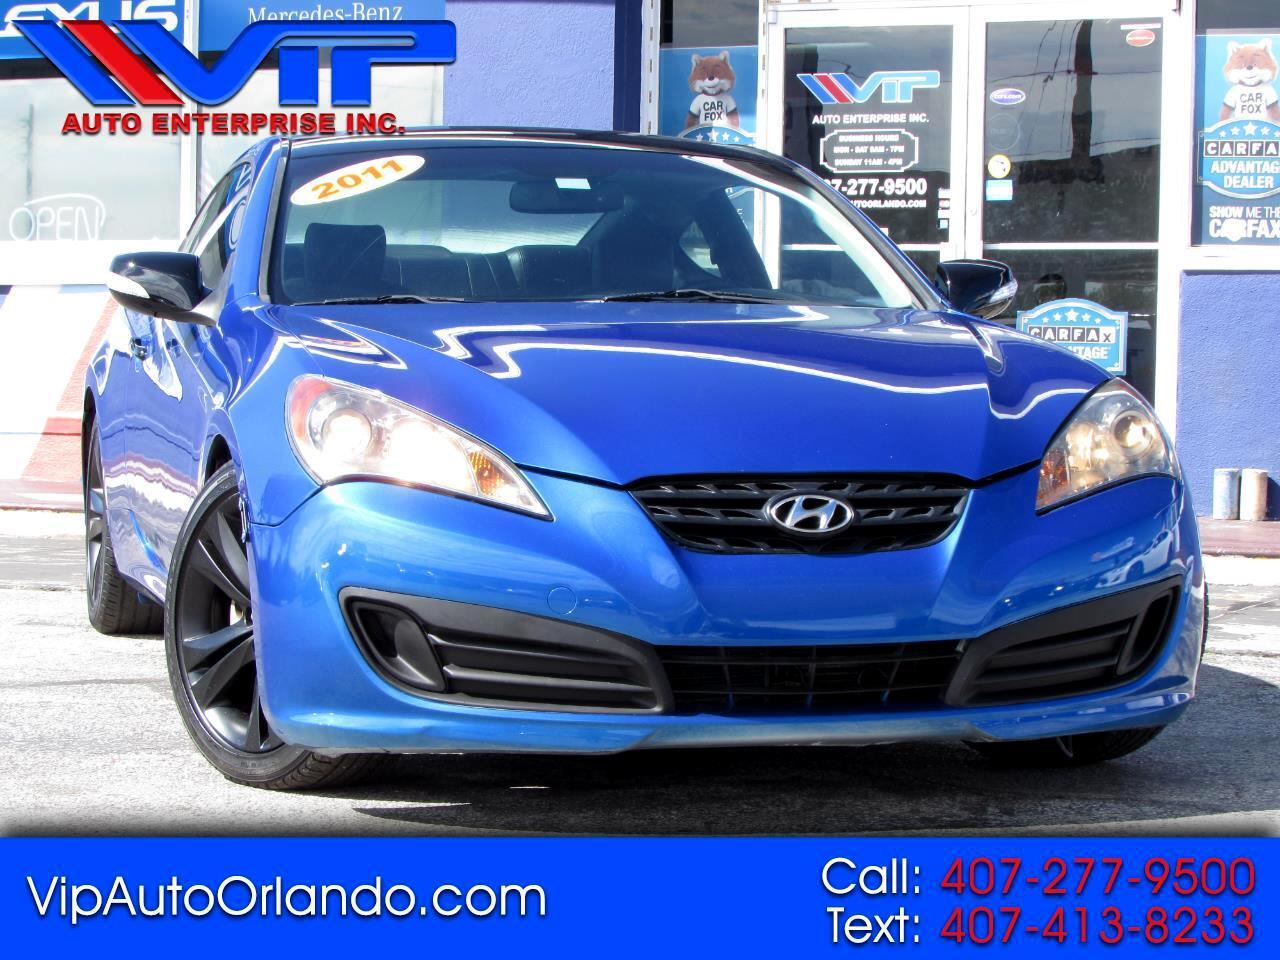 Hyundai Genesis Coupe 2dr 2.0T Auto Premium 2011